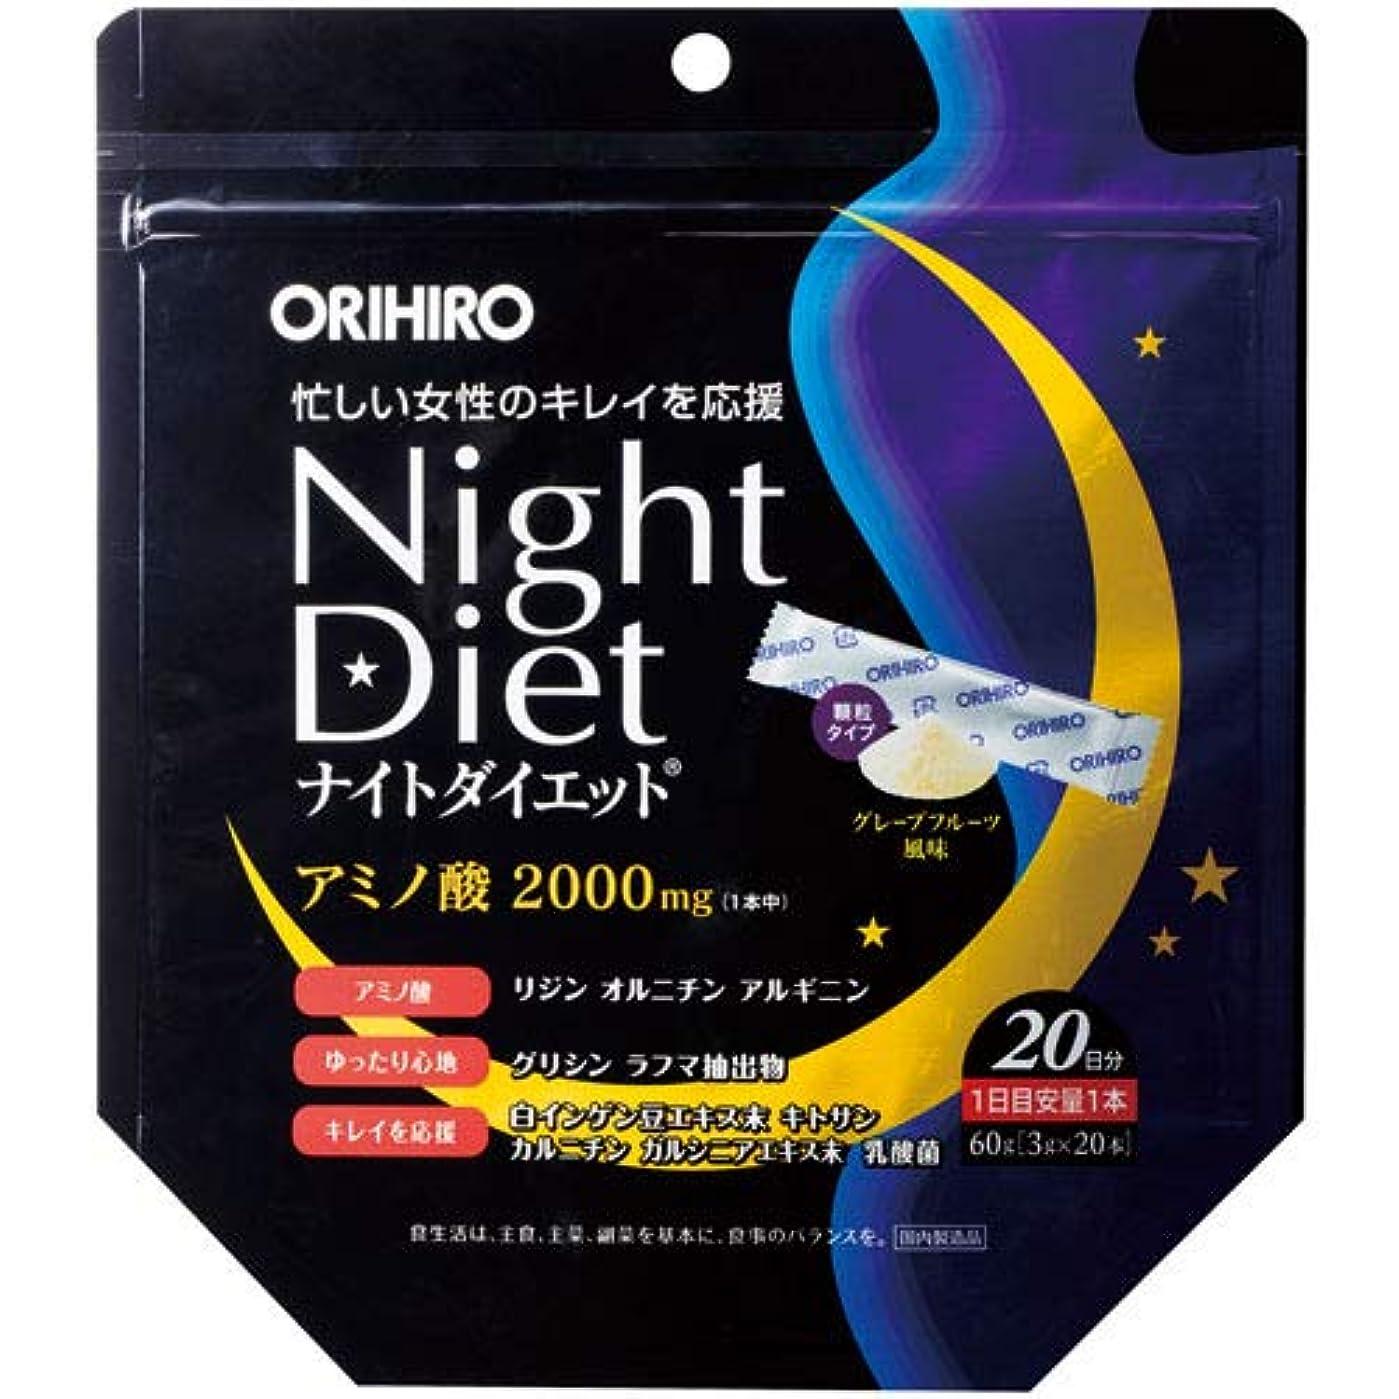 行く兵隊具体的にオリヒロ ナイトダイエット 顆粒 20本×3個セット